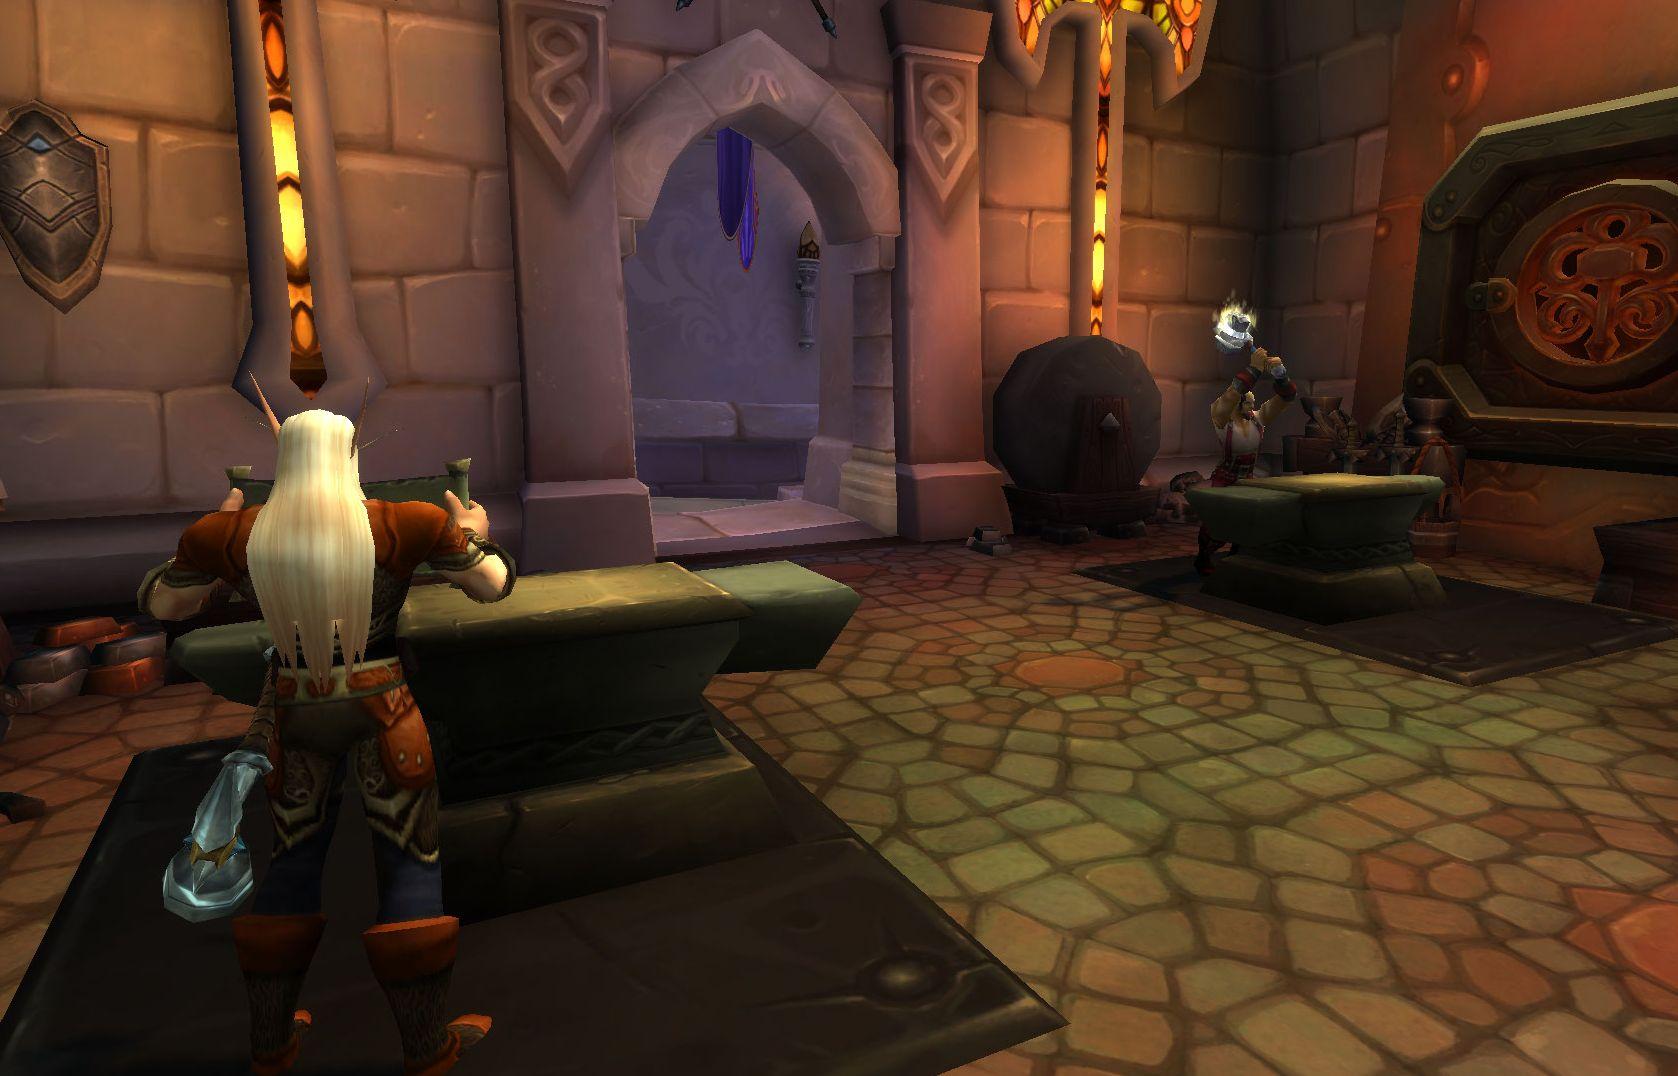 World of Warcraft crafting dalaran blacksmith